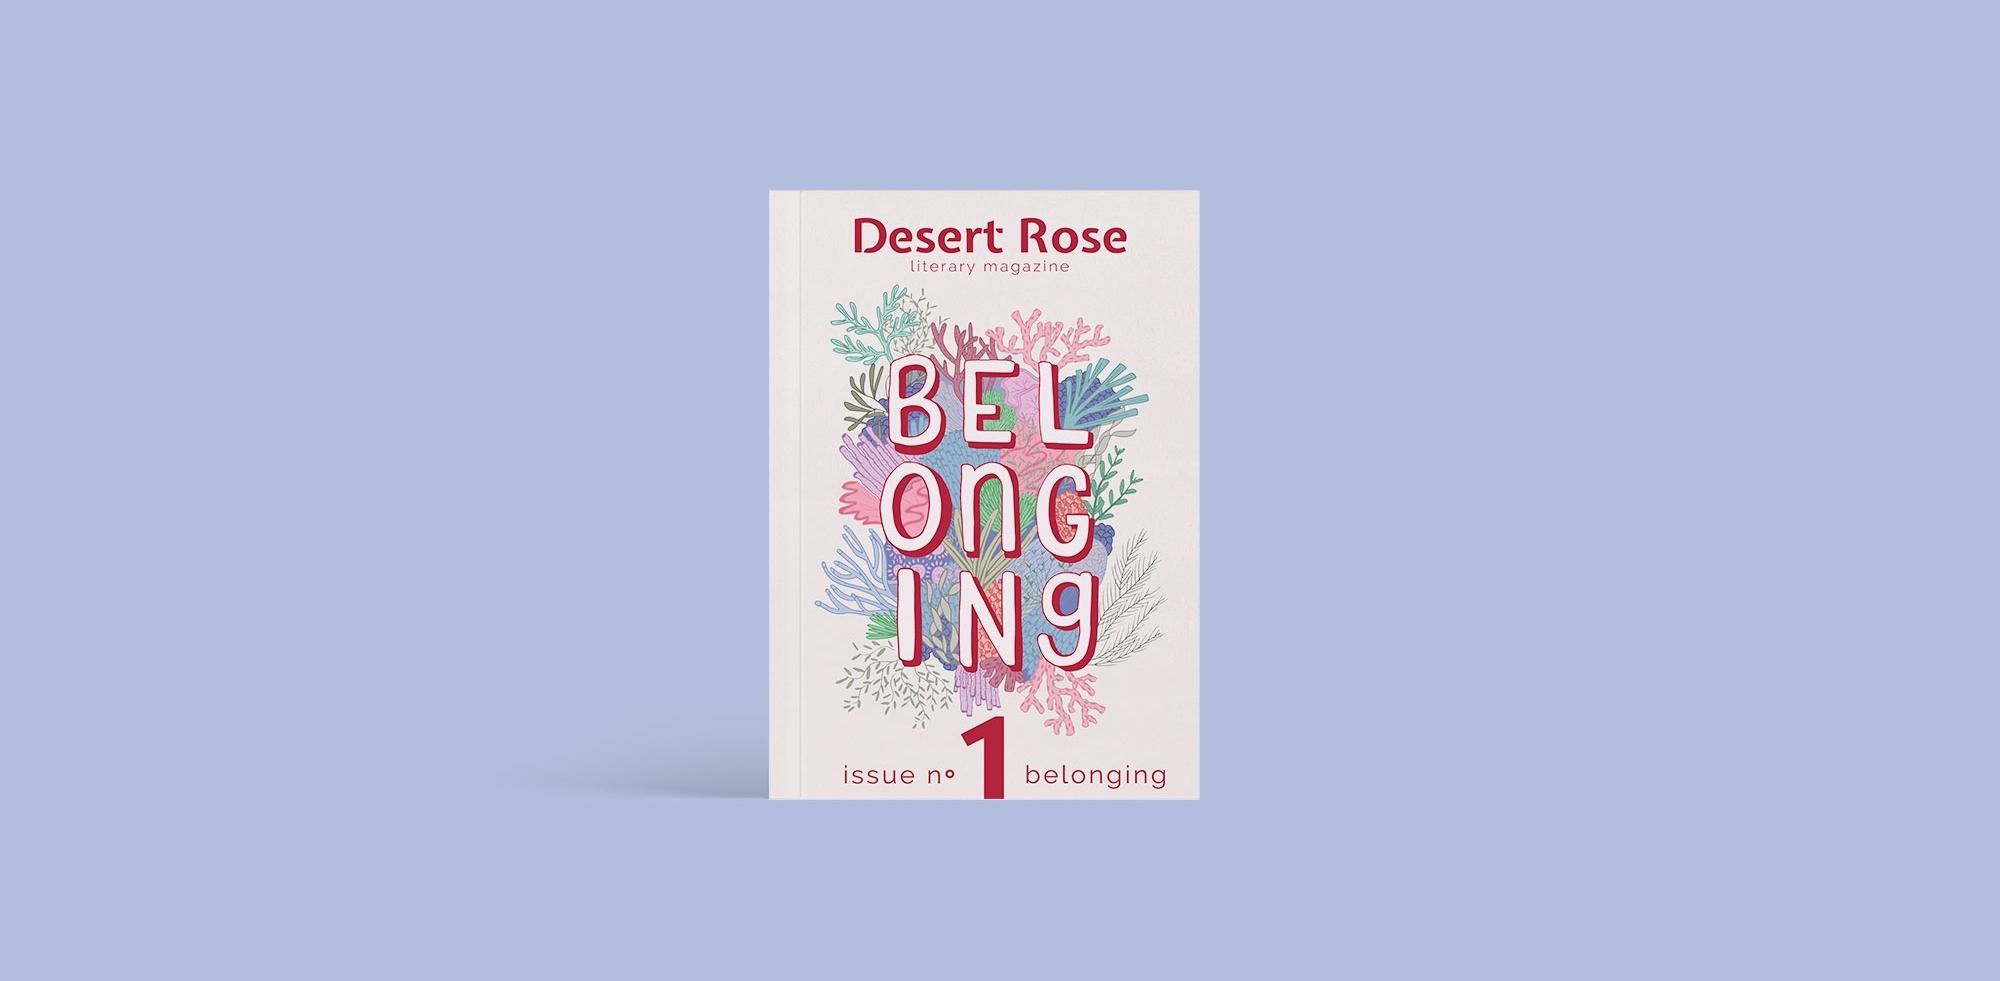 Co-founder and Designer of Desert Rose Literary Magazine — Anastasia